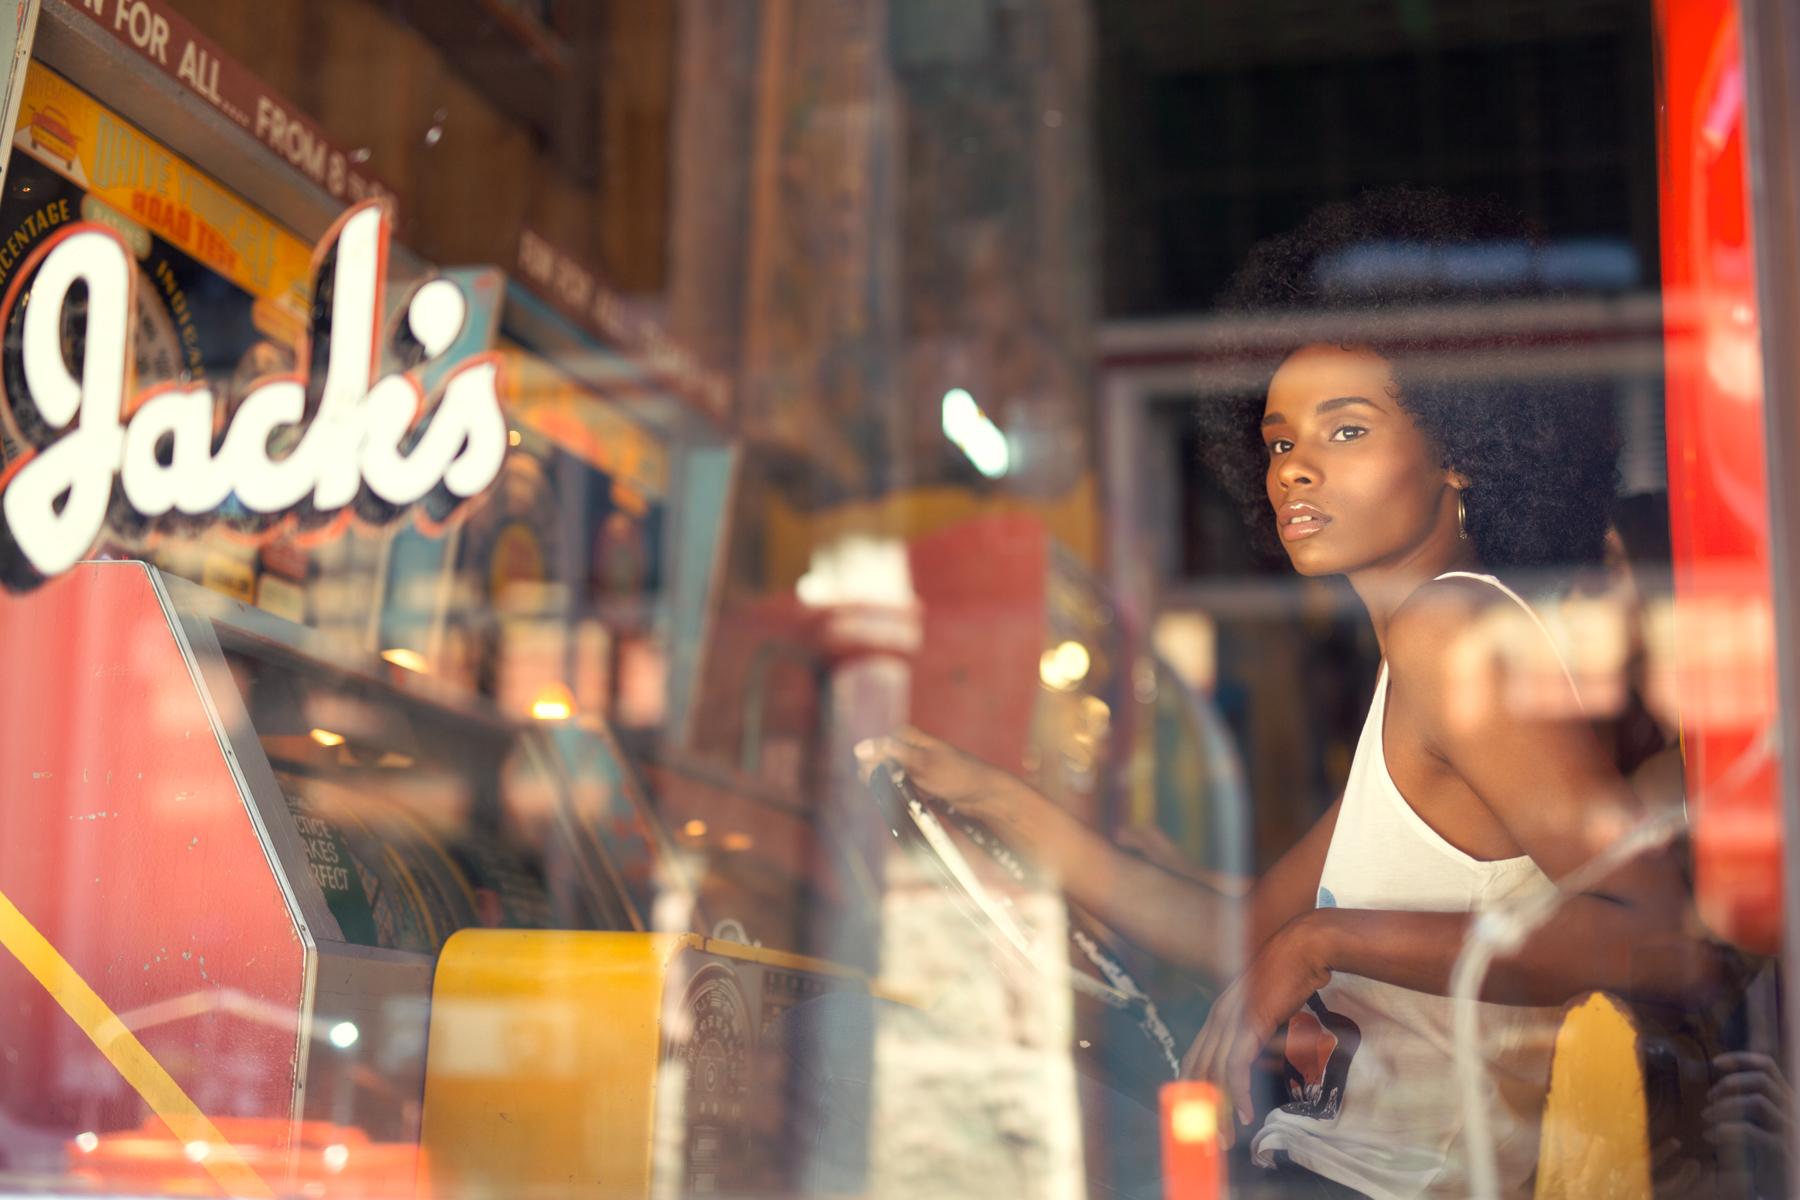 NicoleYork_70's Arcade-7.jpg